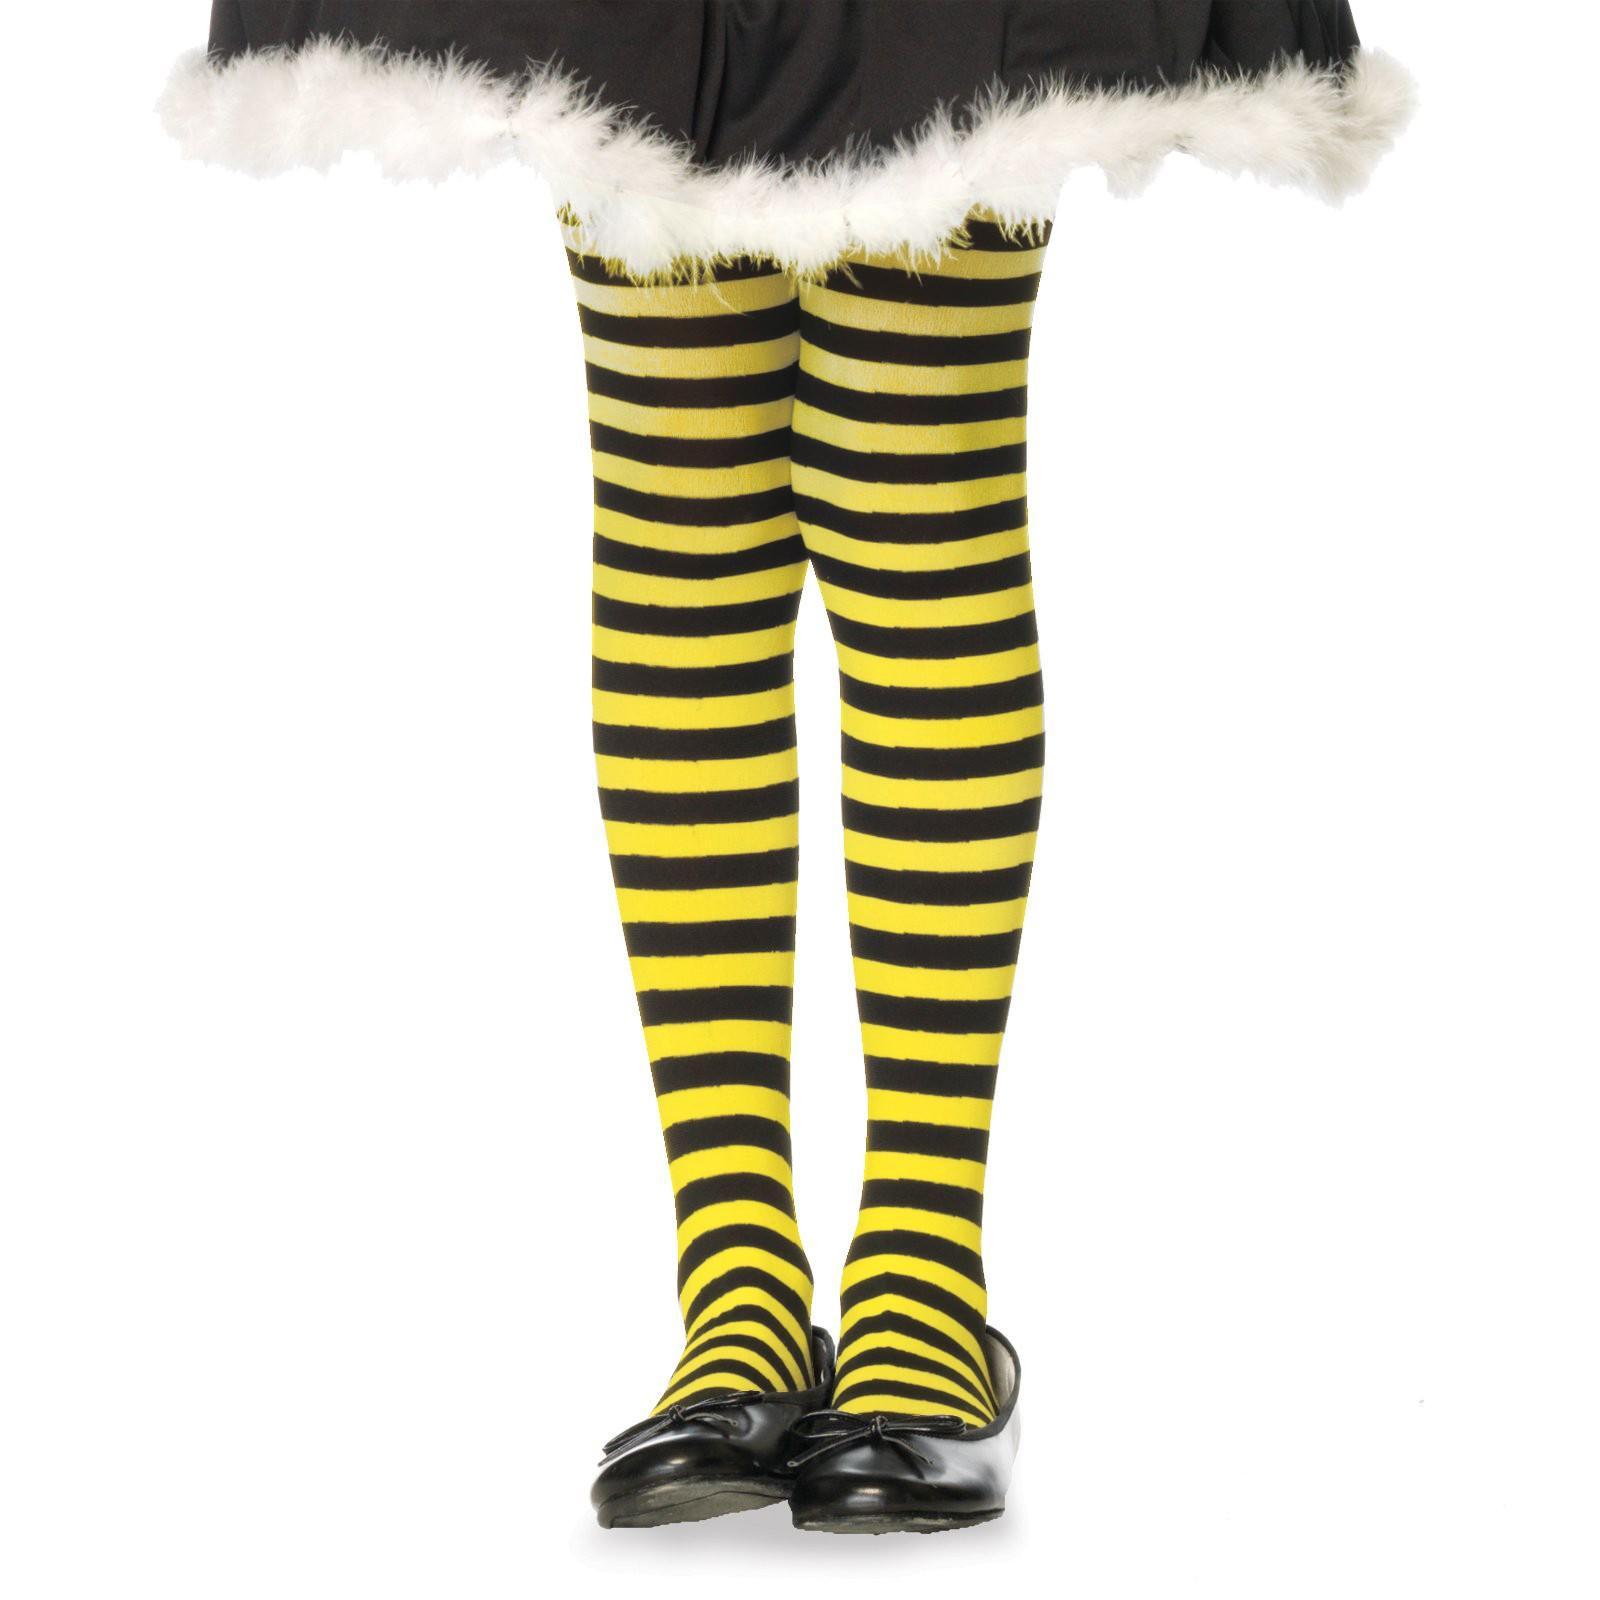 Xa Quan Nhu Mac Quan Vo Striped Black Yellow Child Tights Shopdinokid